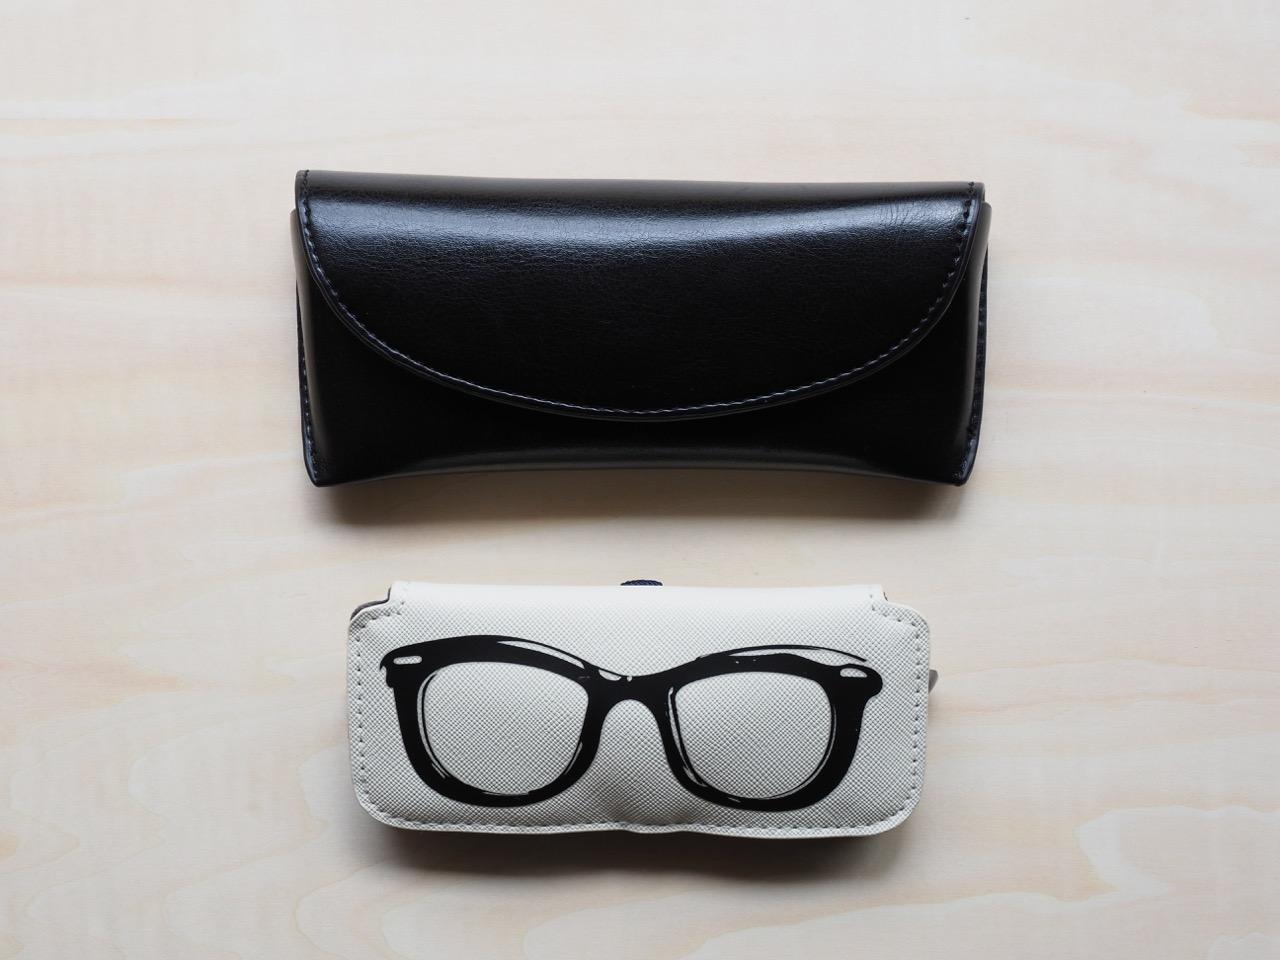 ウルトラライトのメガネケース